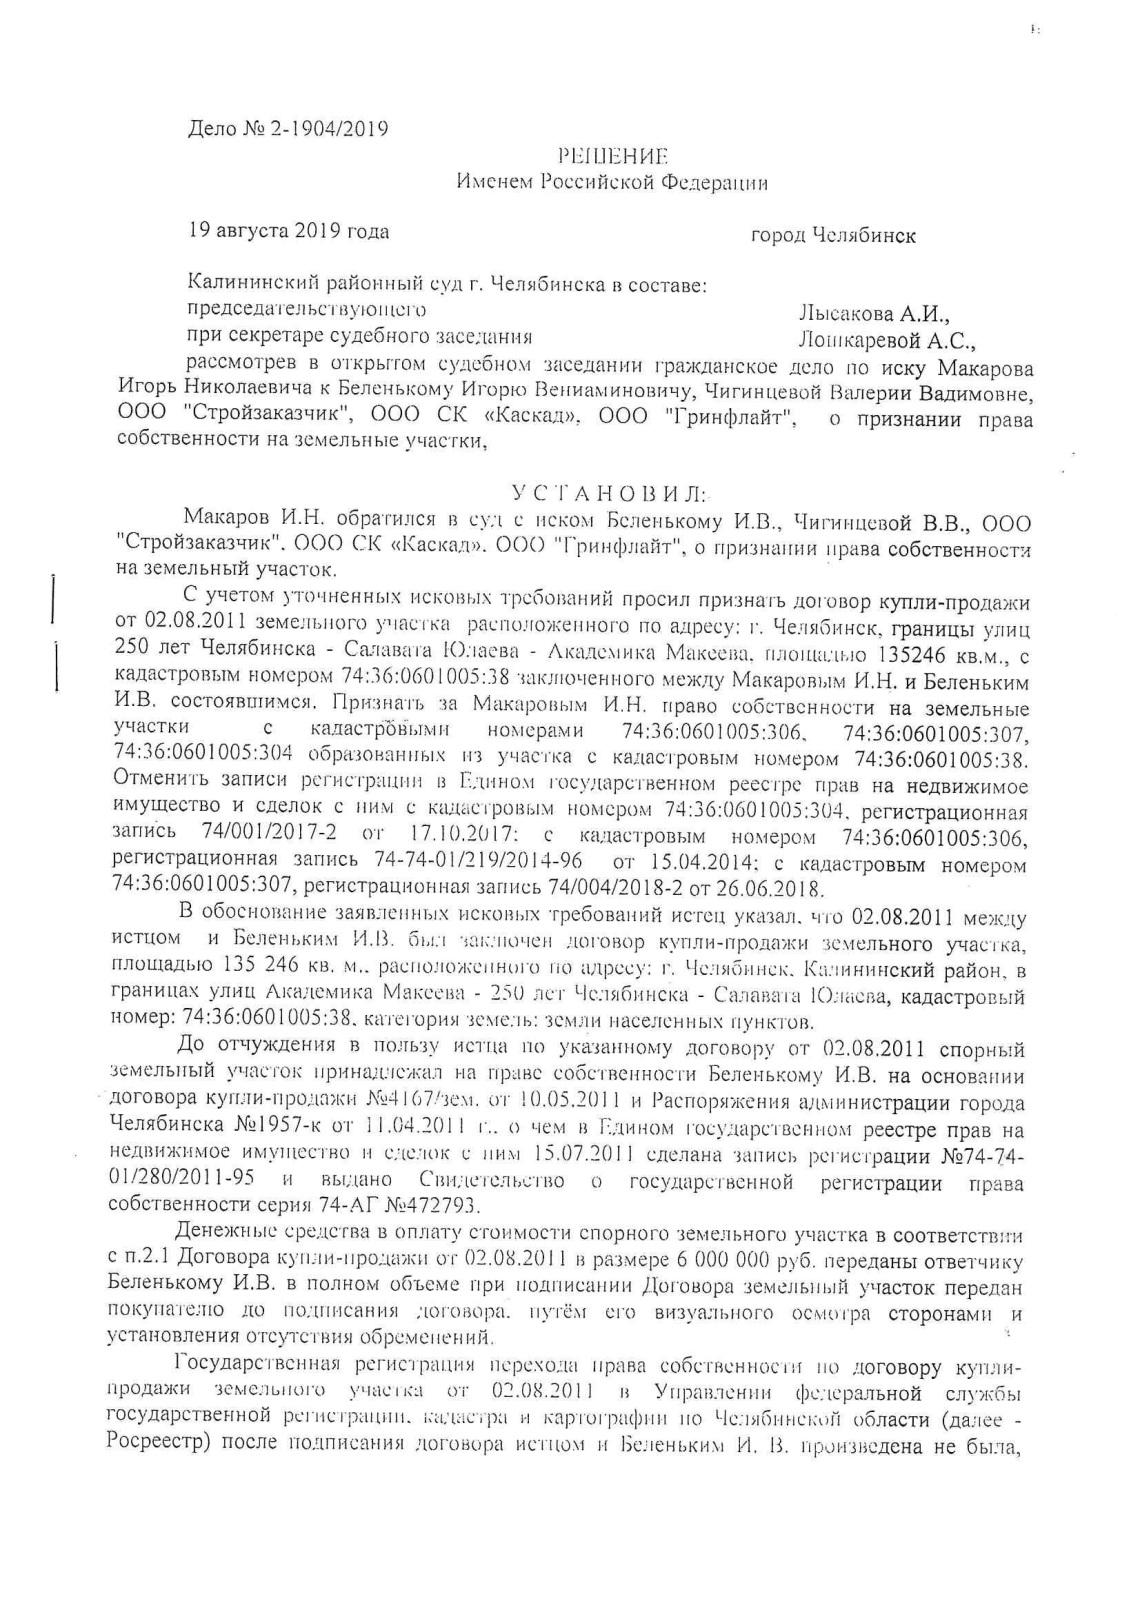 Депутат Госдумы Колесников и судья Лысаков лишили квартир обманутых дольщиков